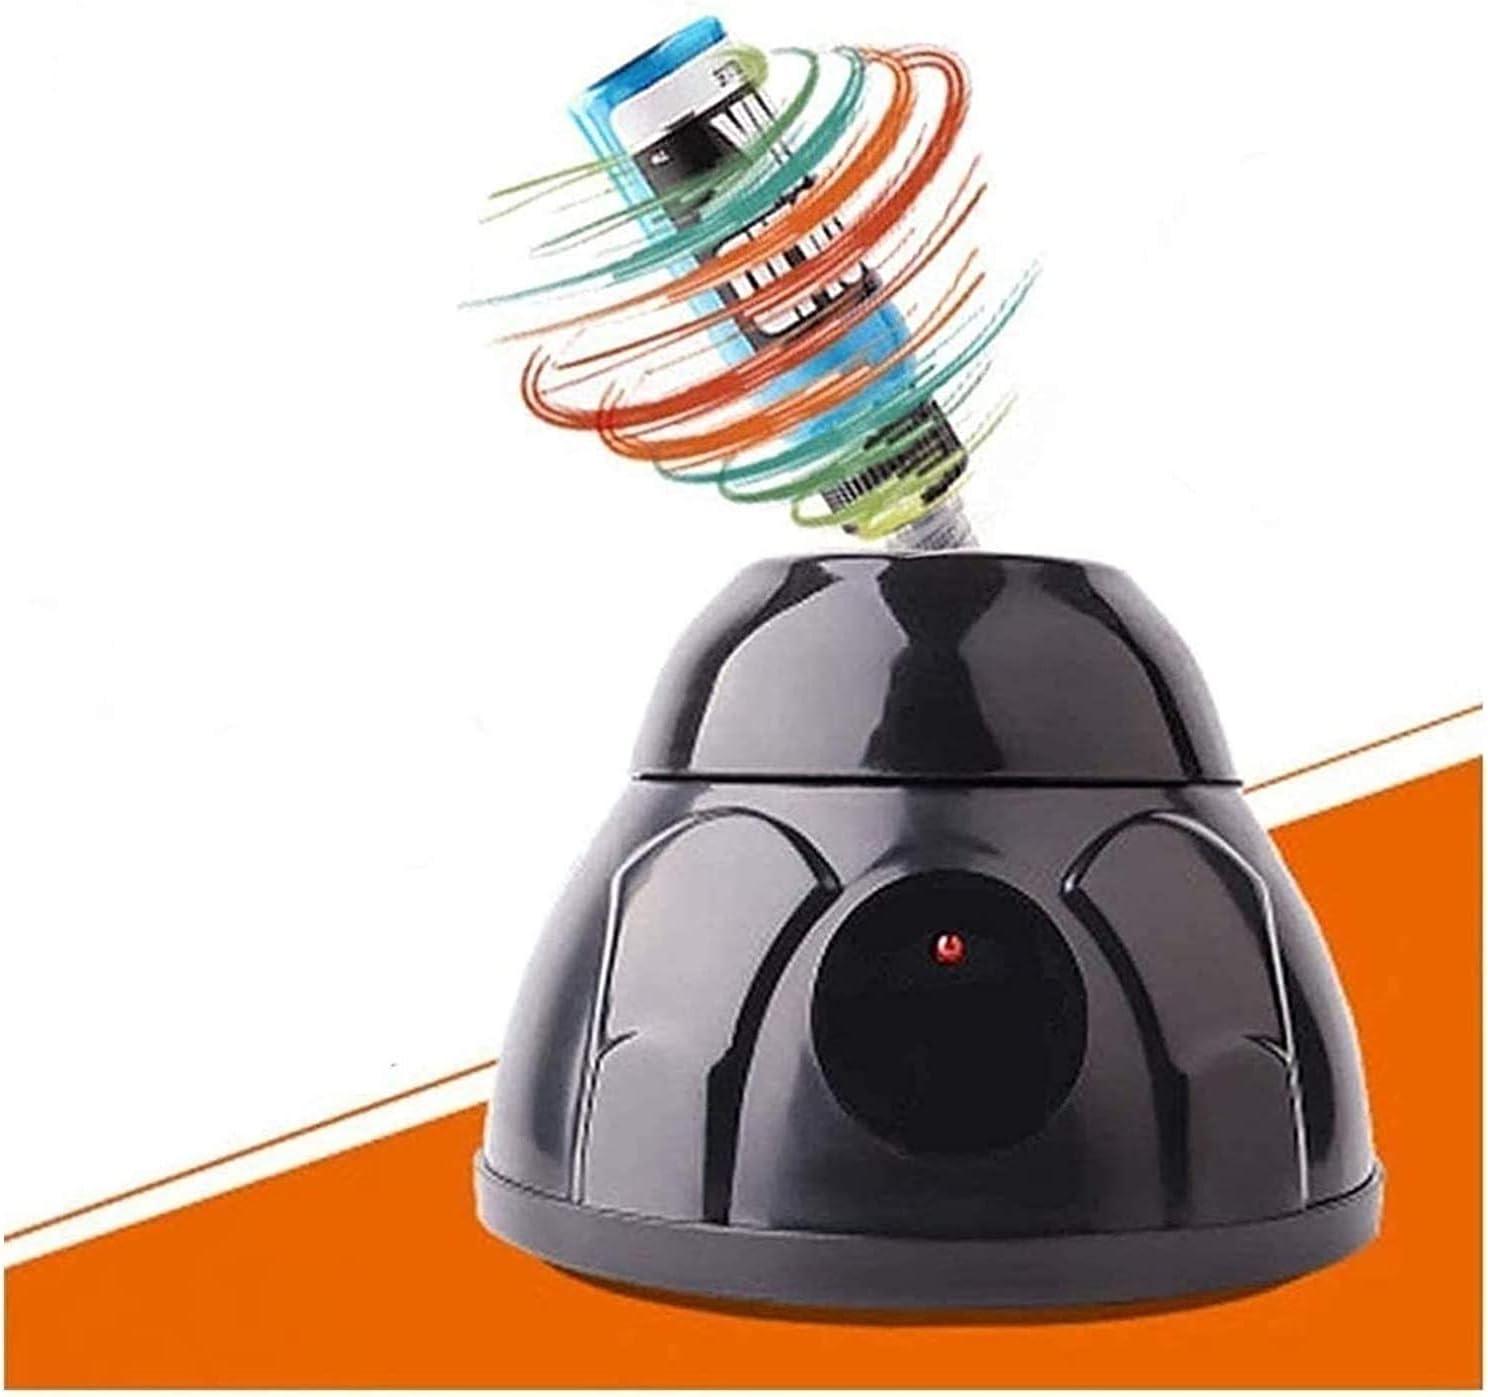 QDY -Mini Vortex Mixer Powerful 5200 RPM Fees free!! Mode Paint Touch Lab Mi Virginia Beach Mall